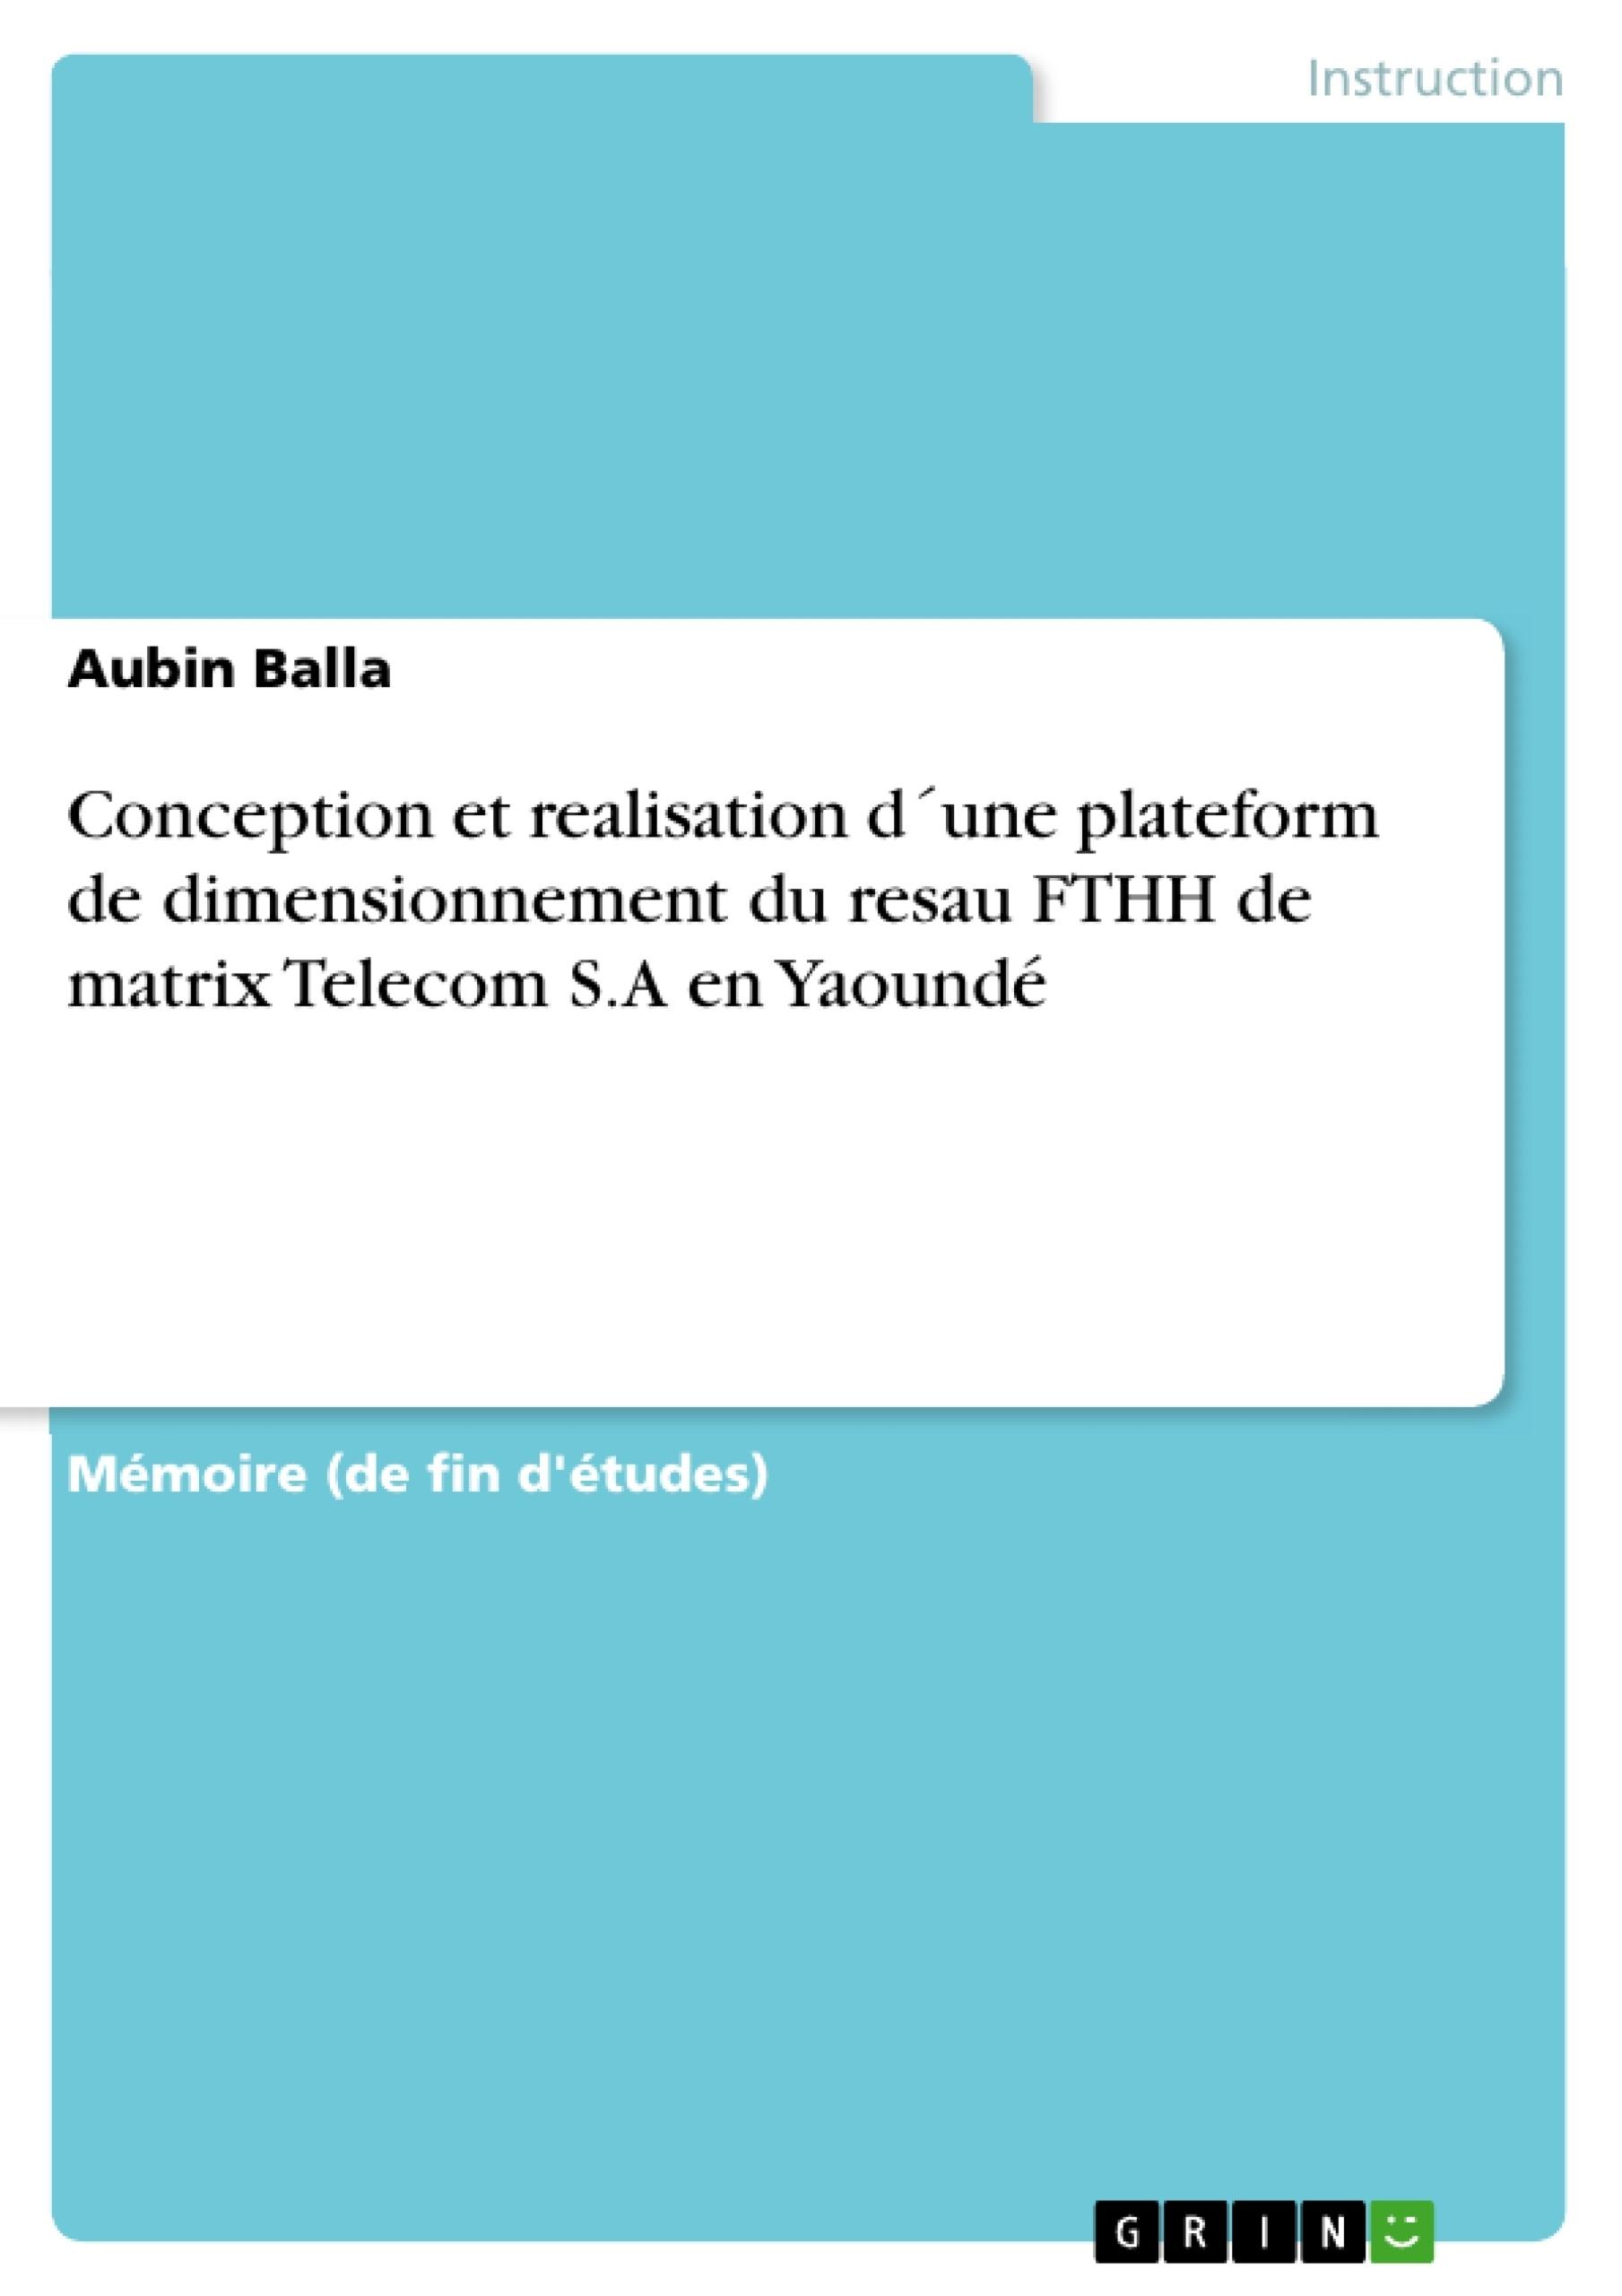 Titre: Conception et  realisation d´une plate- form de dimensionnement du resau FTHH de matrix Telecom S.A  en Yaoundé